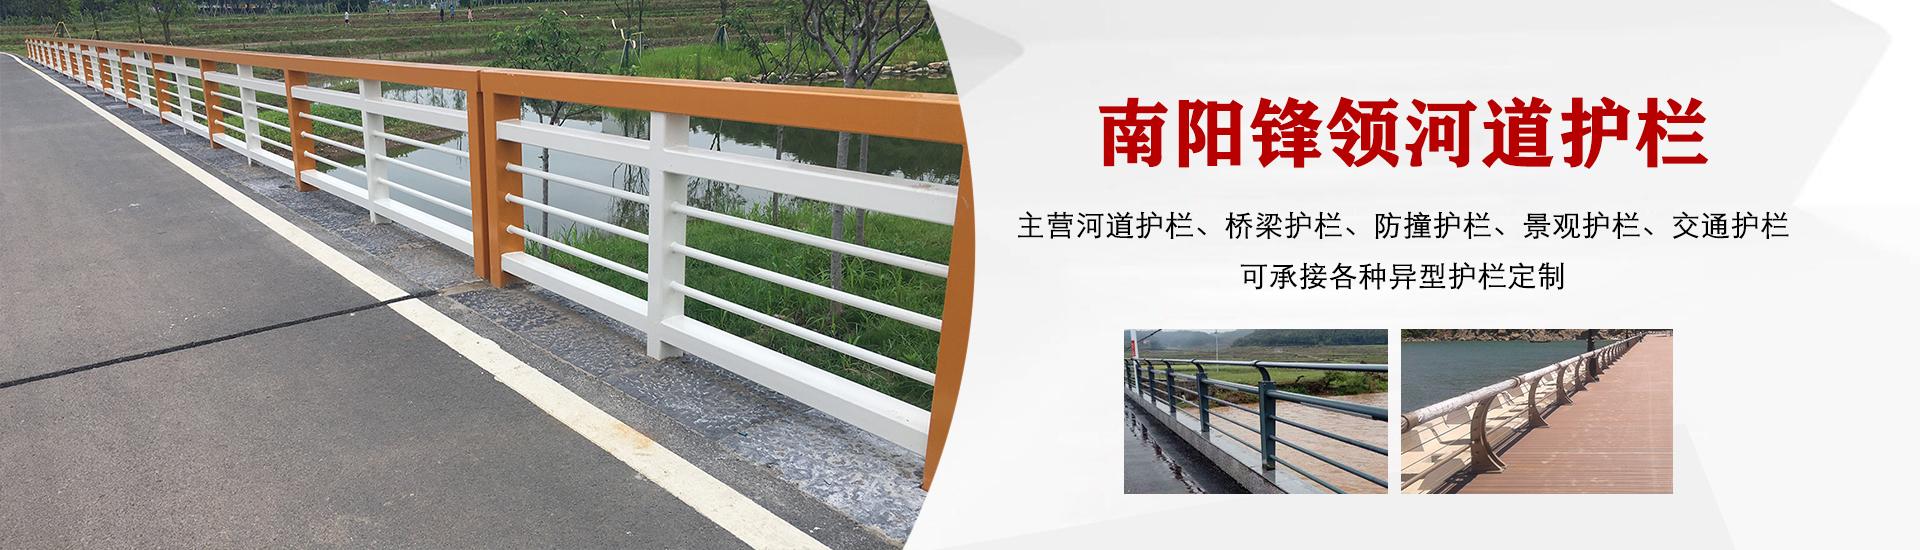 锋领桥梁护栏厂家